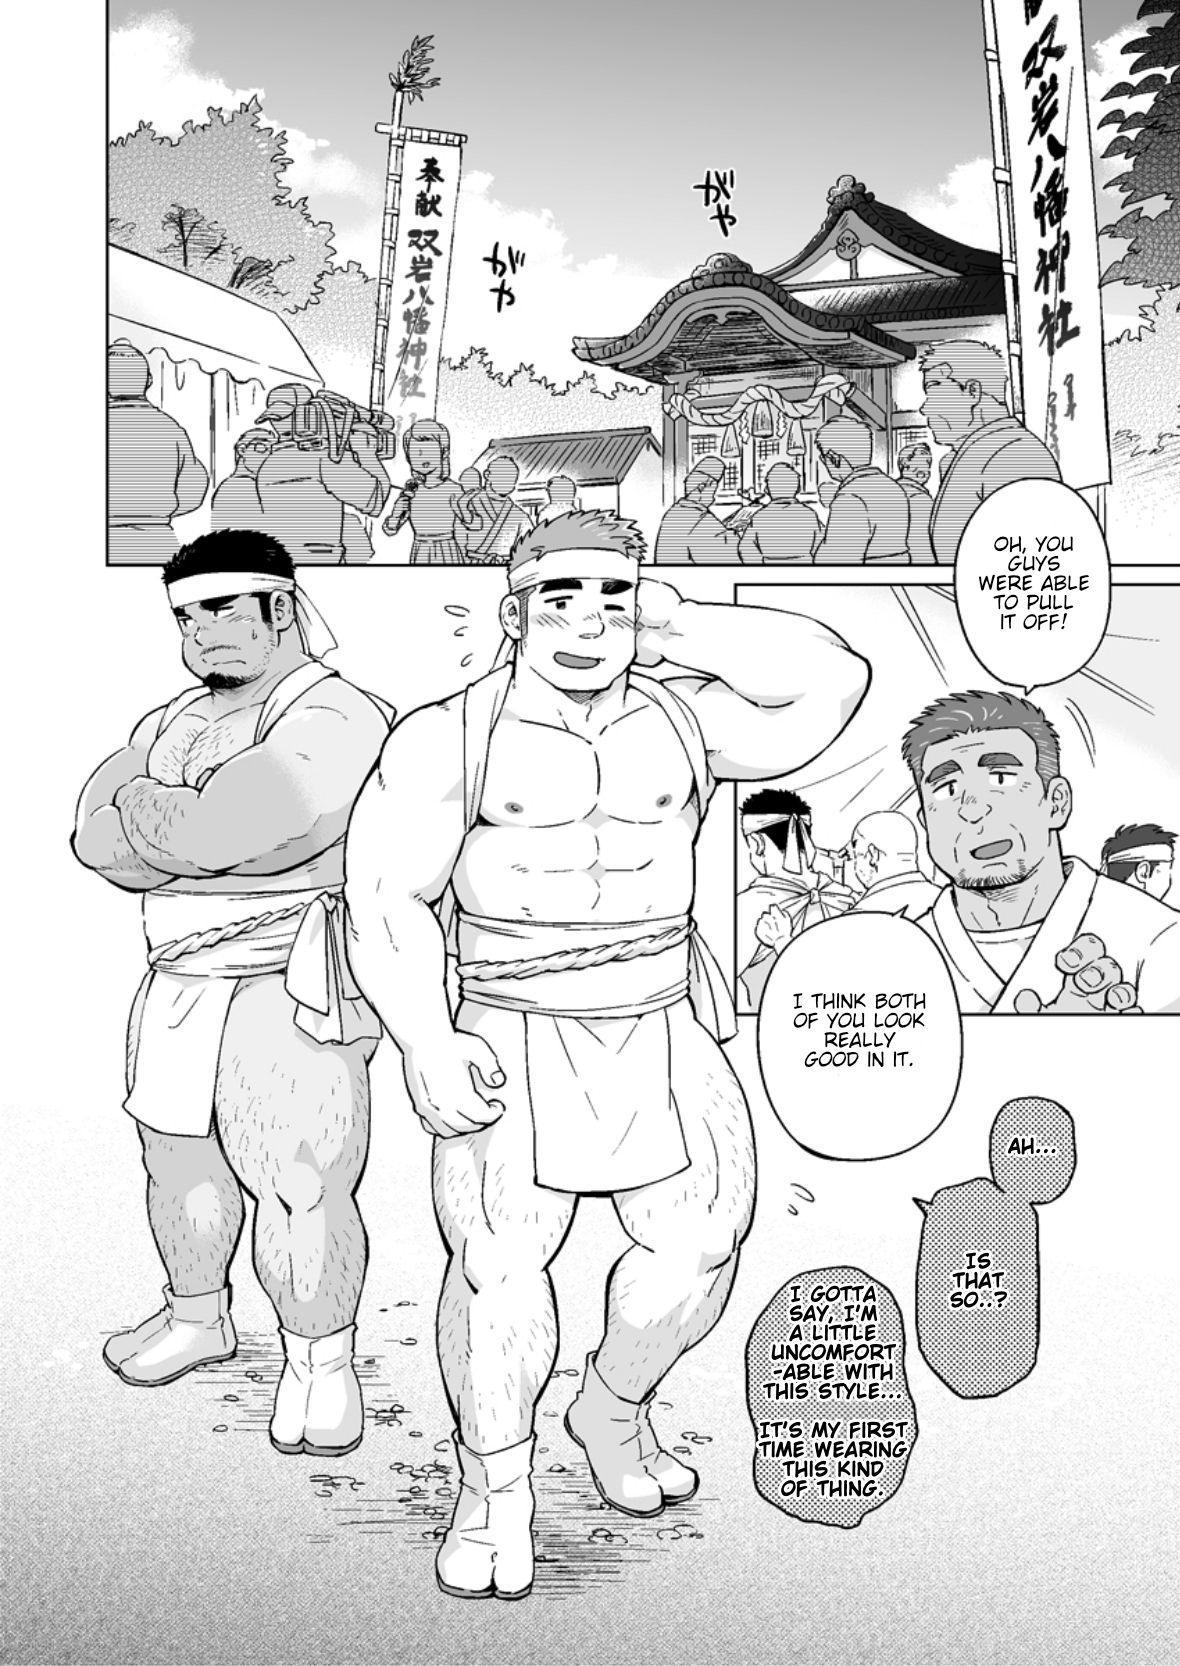 City Boy to Seto no Shima 3 6